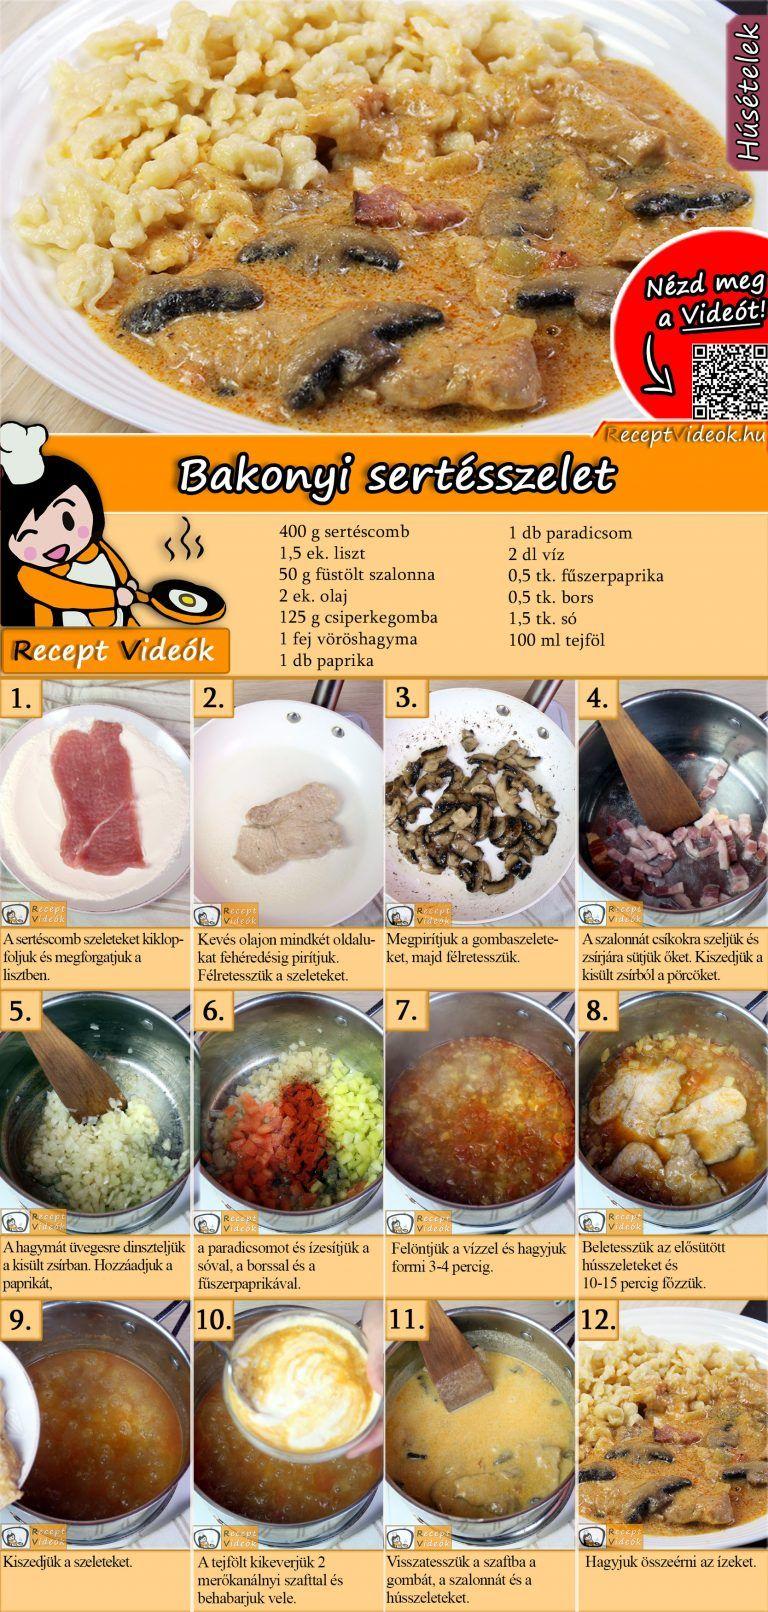 Bakonyi sertésszelet is part of Cooking recipes -  NÉZD MEG A VIDEÓNKAT és készítsd el a receptet! A bakonyi sertésszelet egy ízletes, laktató fogás, amit mindenkinek érdemes elkészíteni, aki szereti az omlós húst egy finom mártással!  Készíts saját szakácskönyvet receptkártyáinkkal! 😉 Töltsd le, nyomtasd ki!